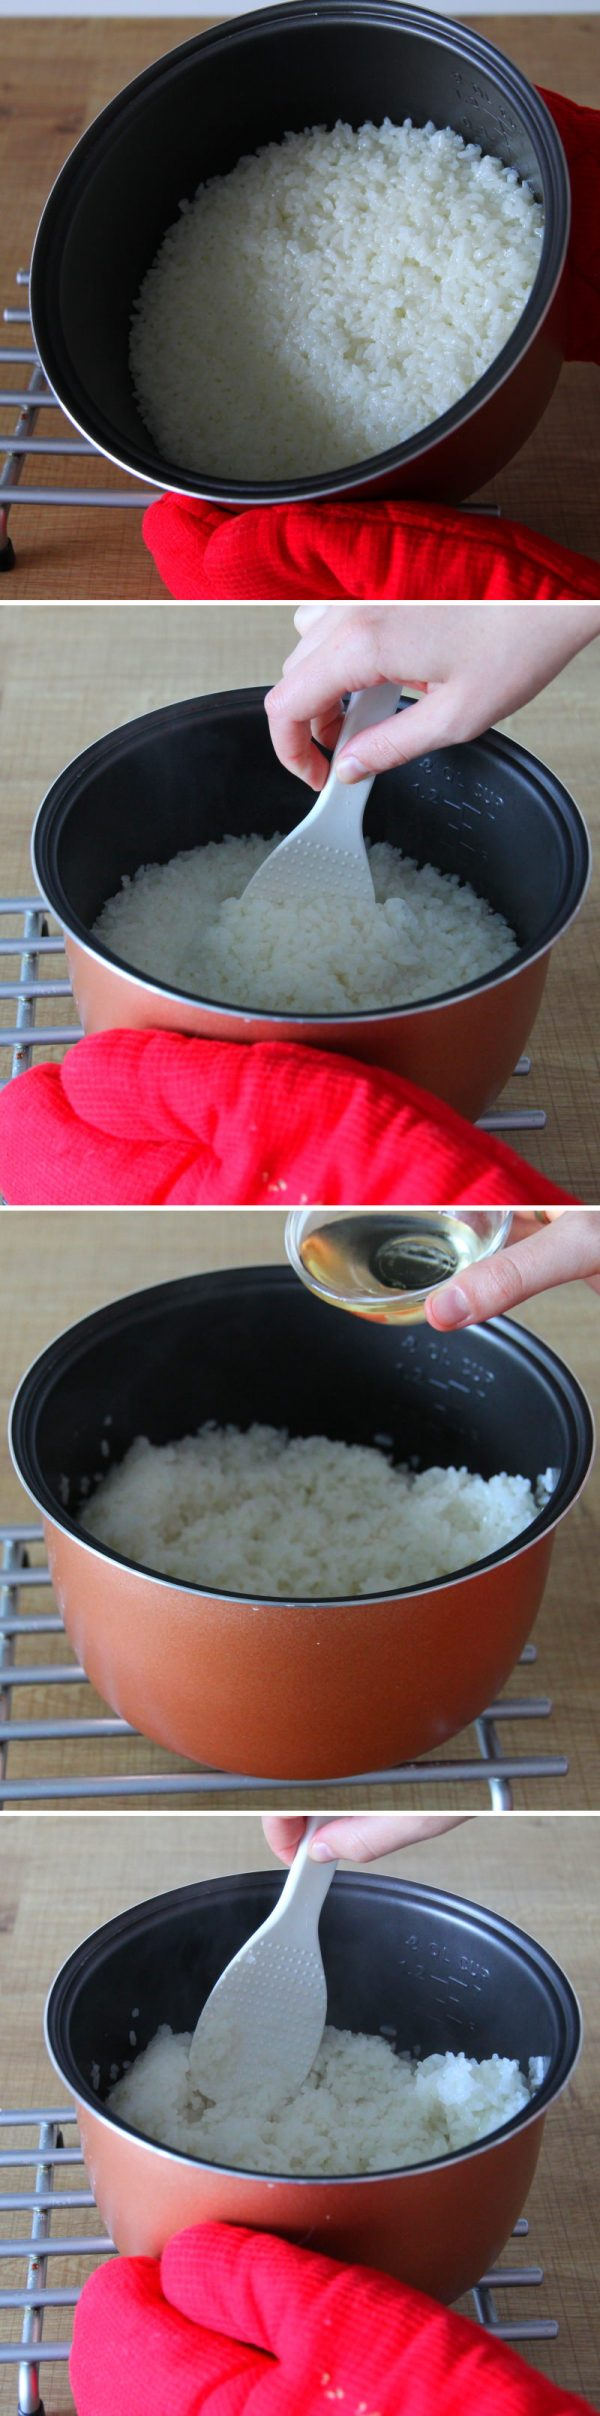 Reis kochen Schritt 10 Reis würzen